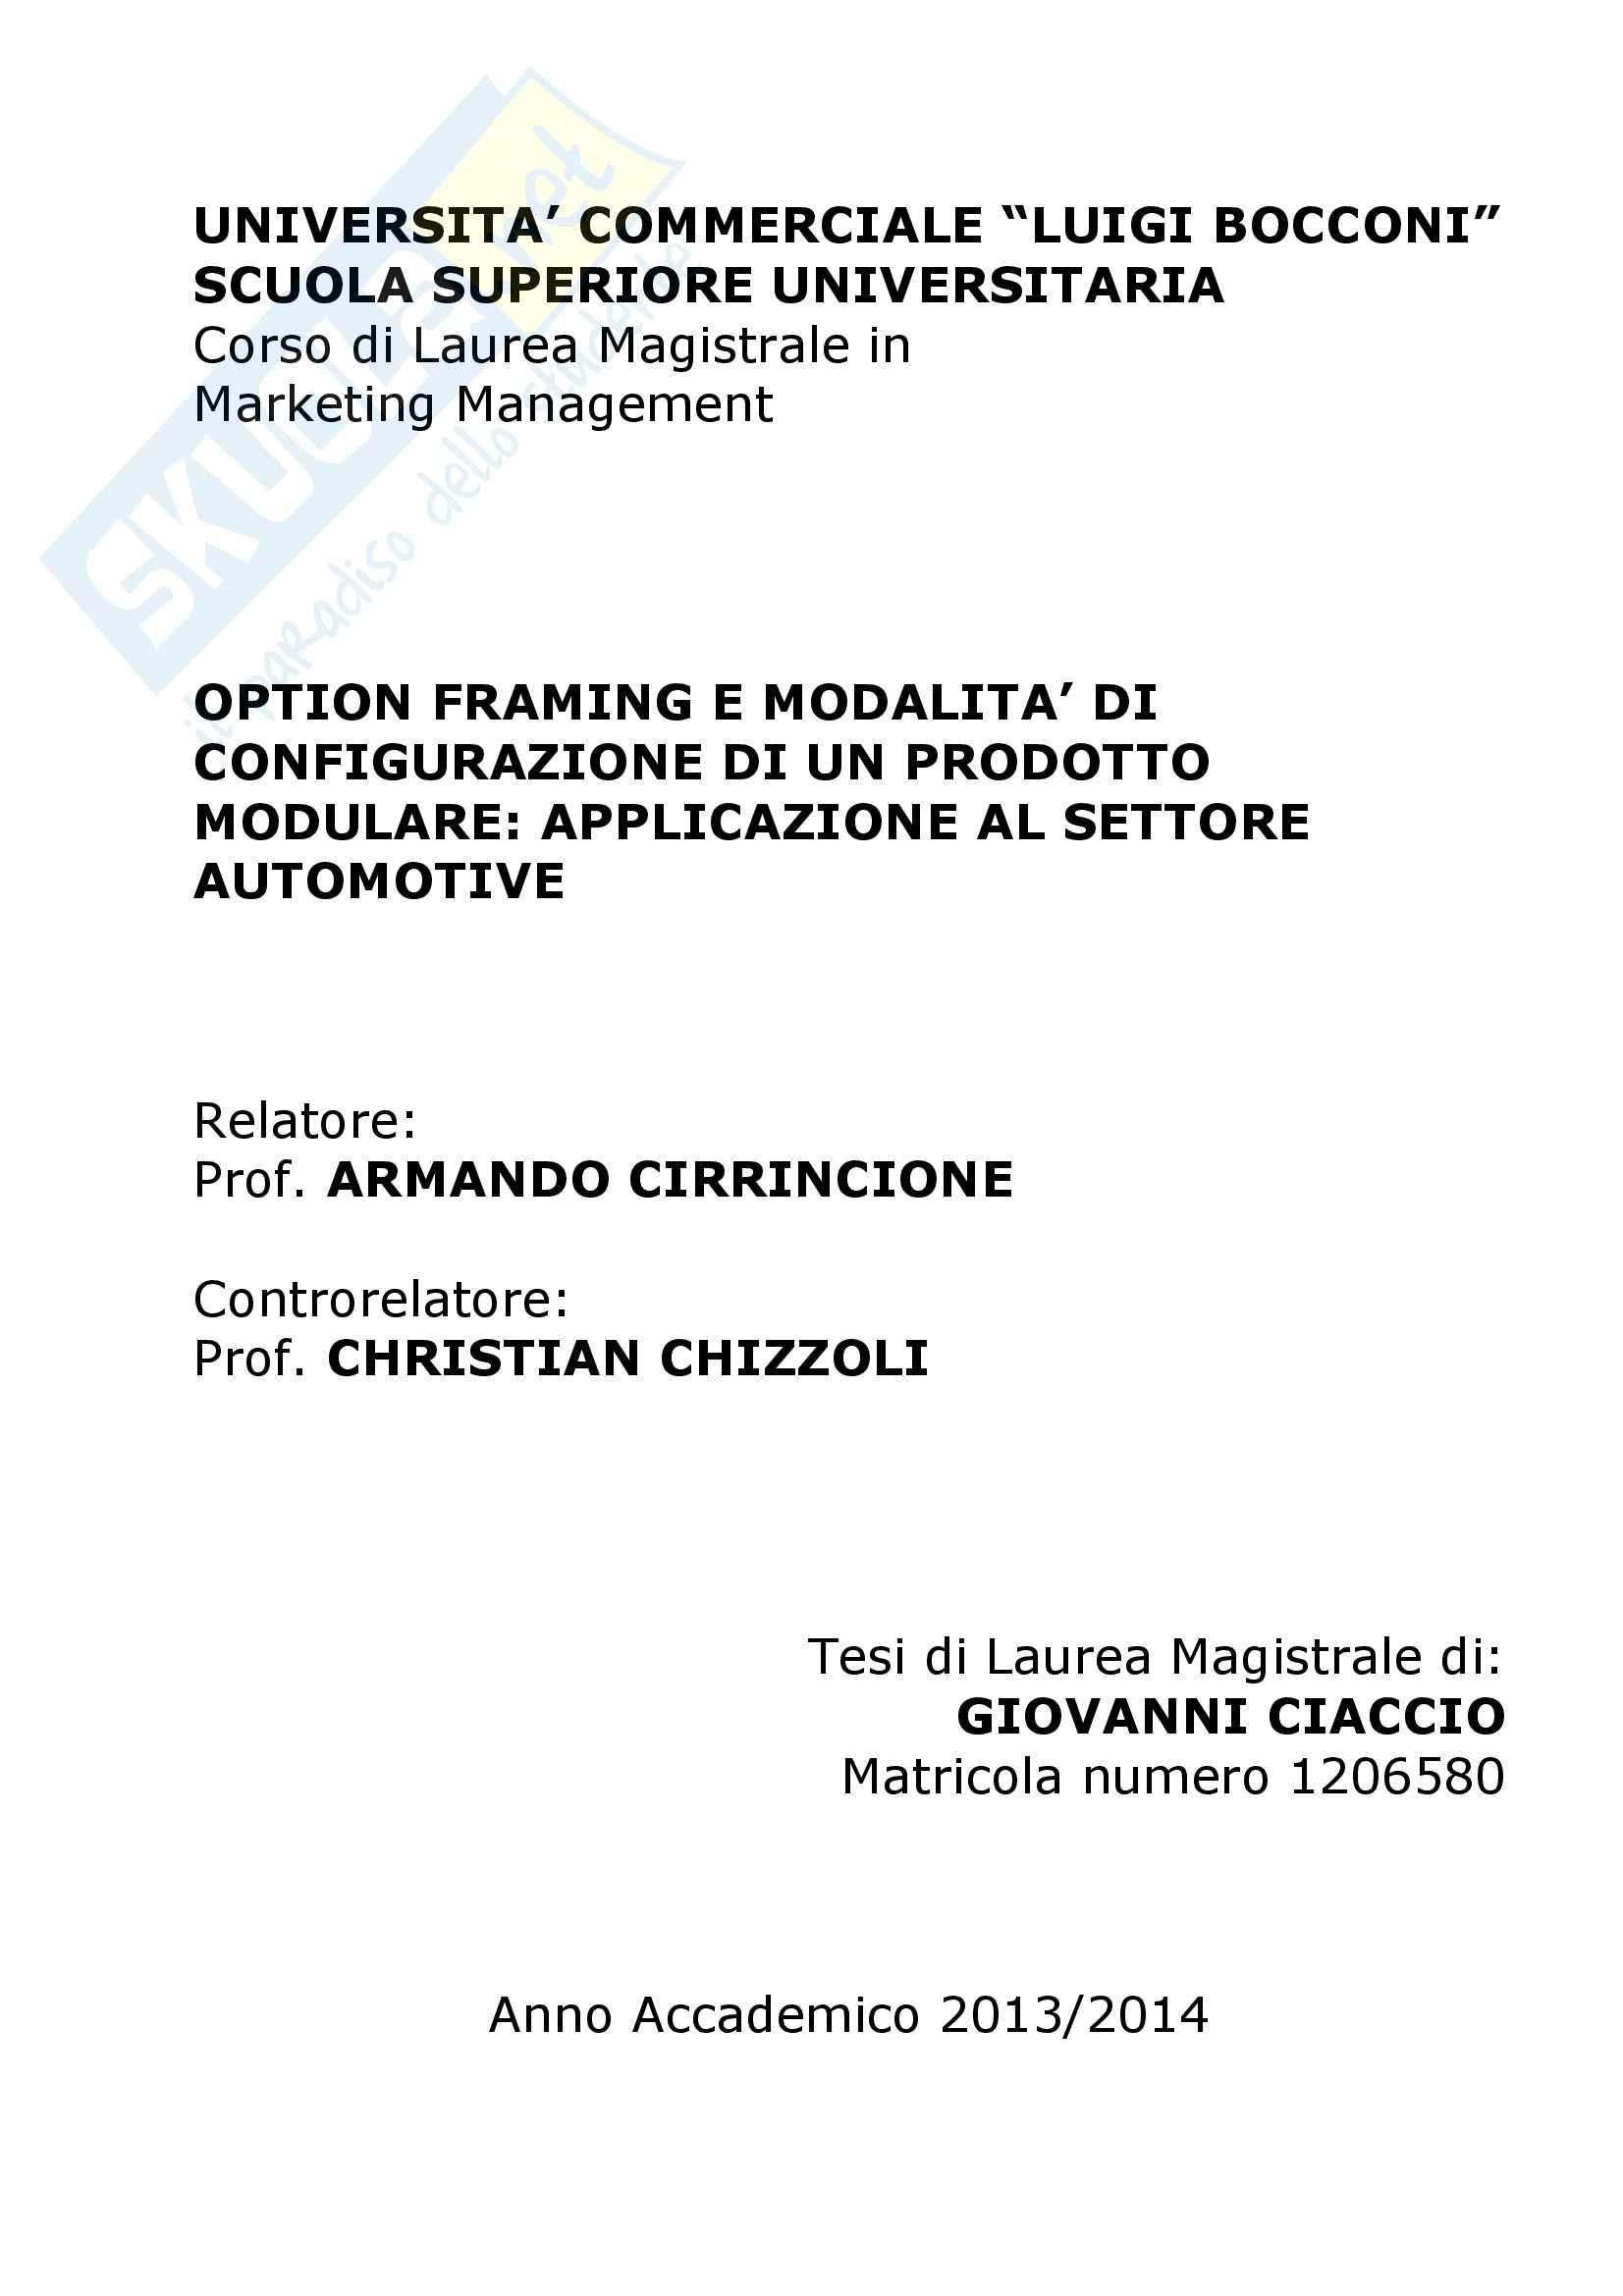 Tesi, Option framing e modalità di configurazione di un prodotto modulare: applicazione al settore automotive